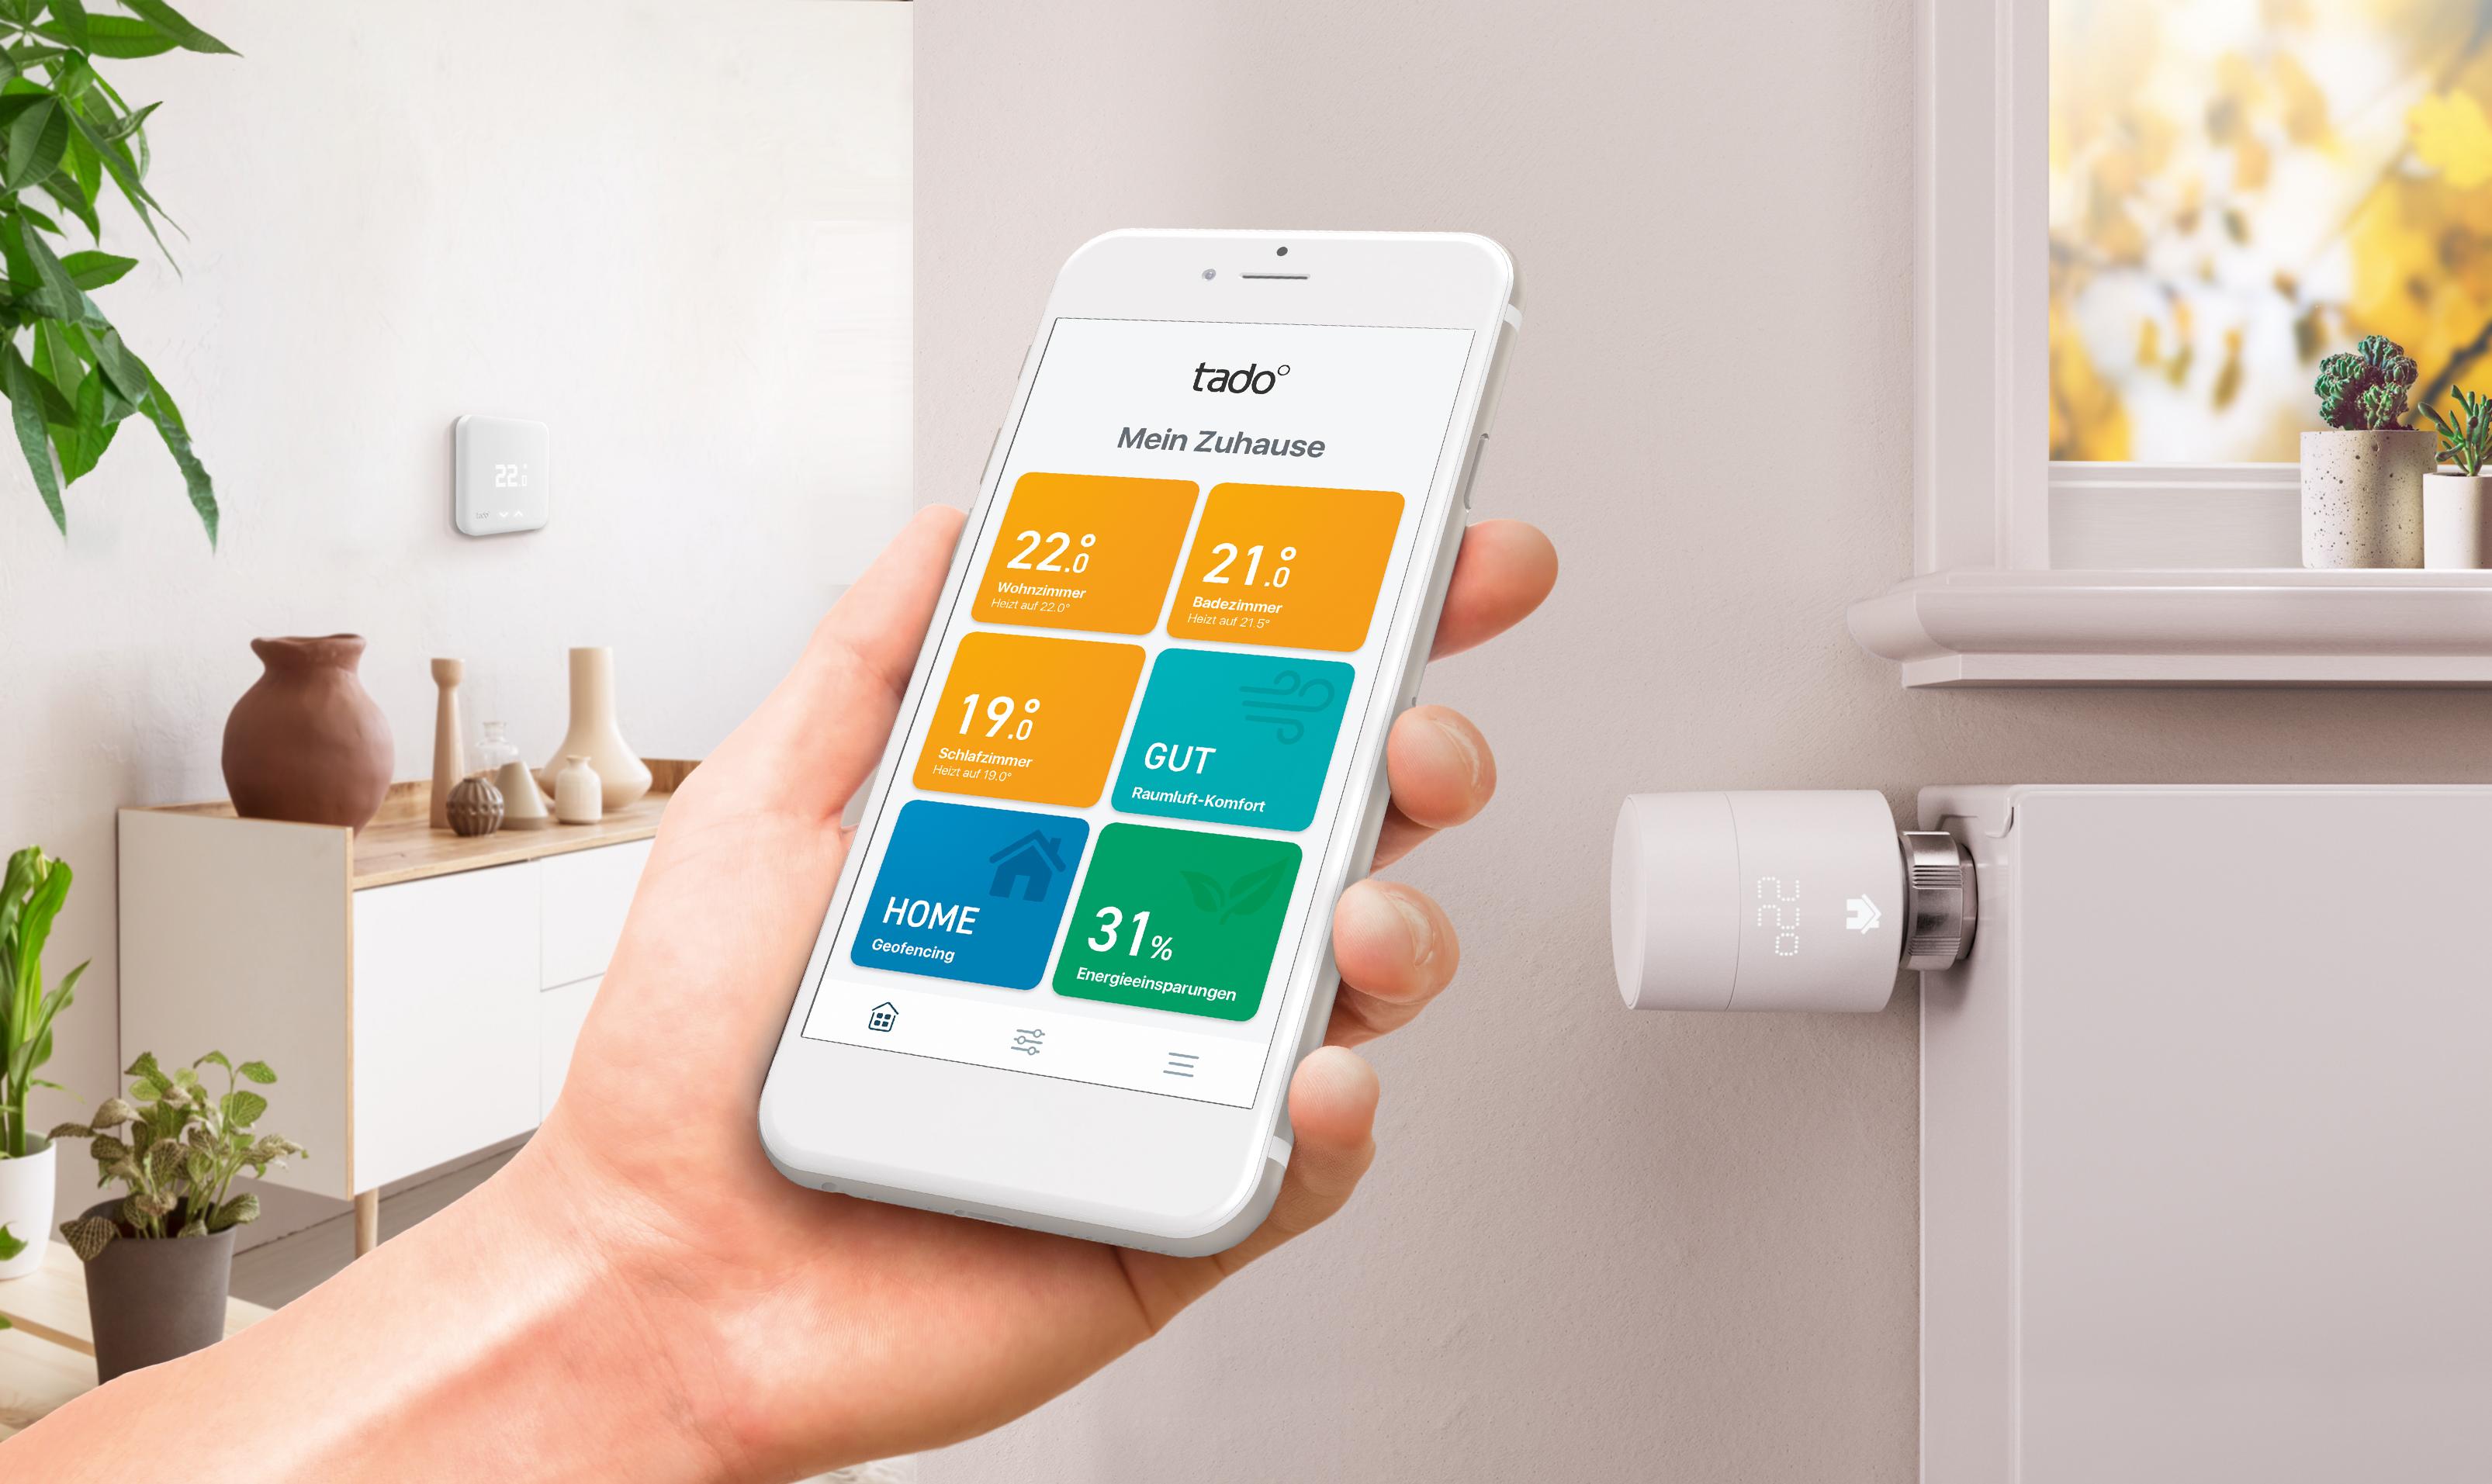 Smart Home: Tado setzt bei neuen Thermostaten auf smarte Unterstützung - Die neuen Tado-Thermostate mit der App (Bild: Tado)